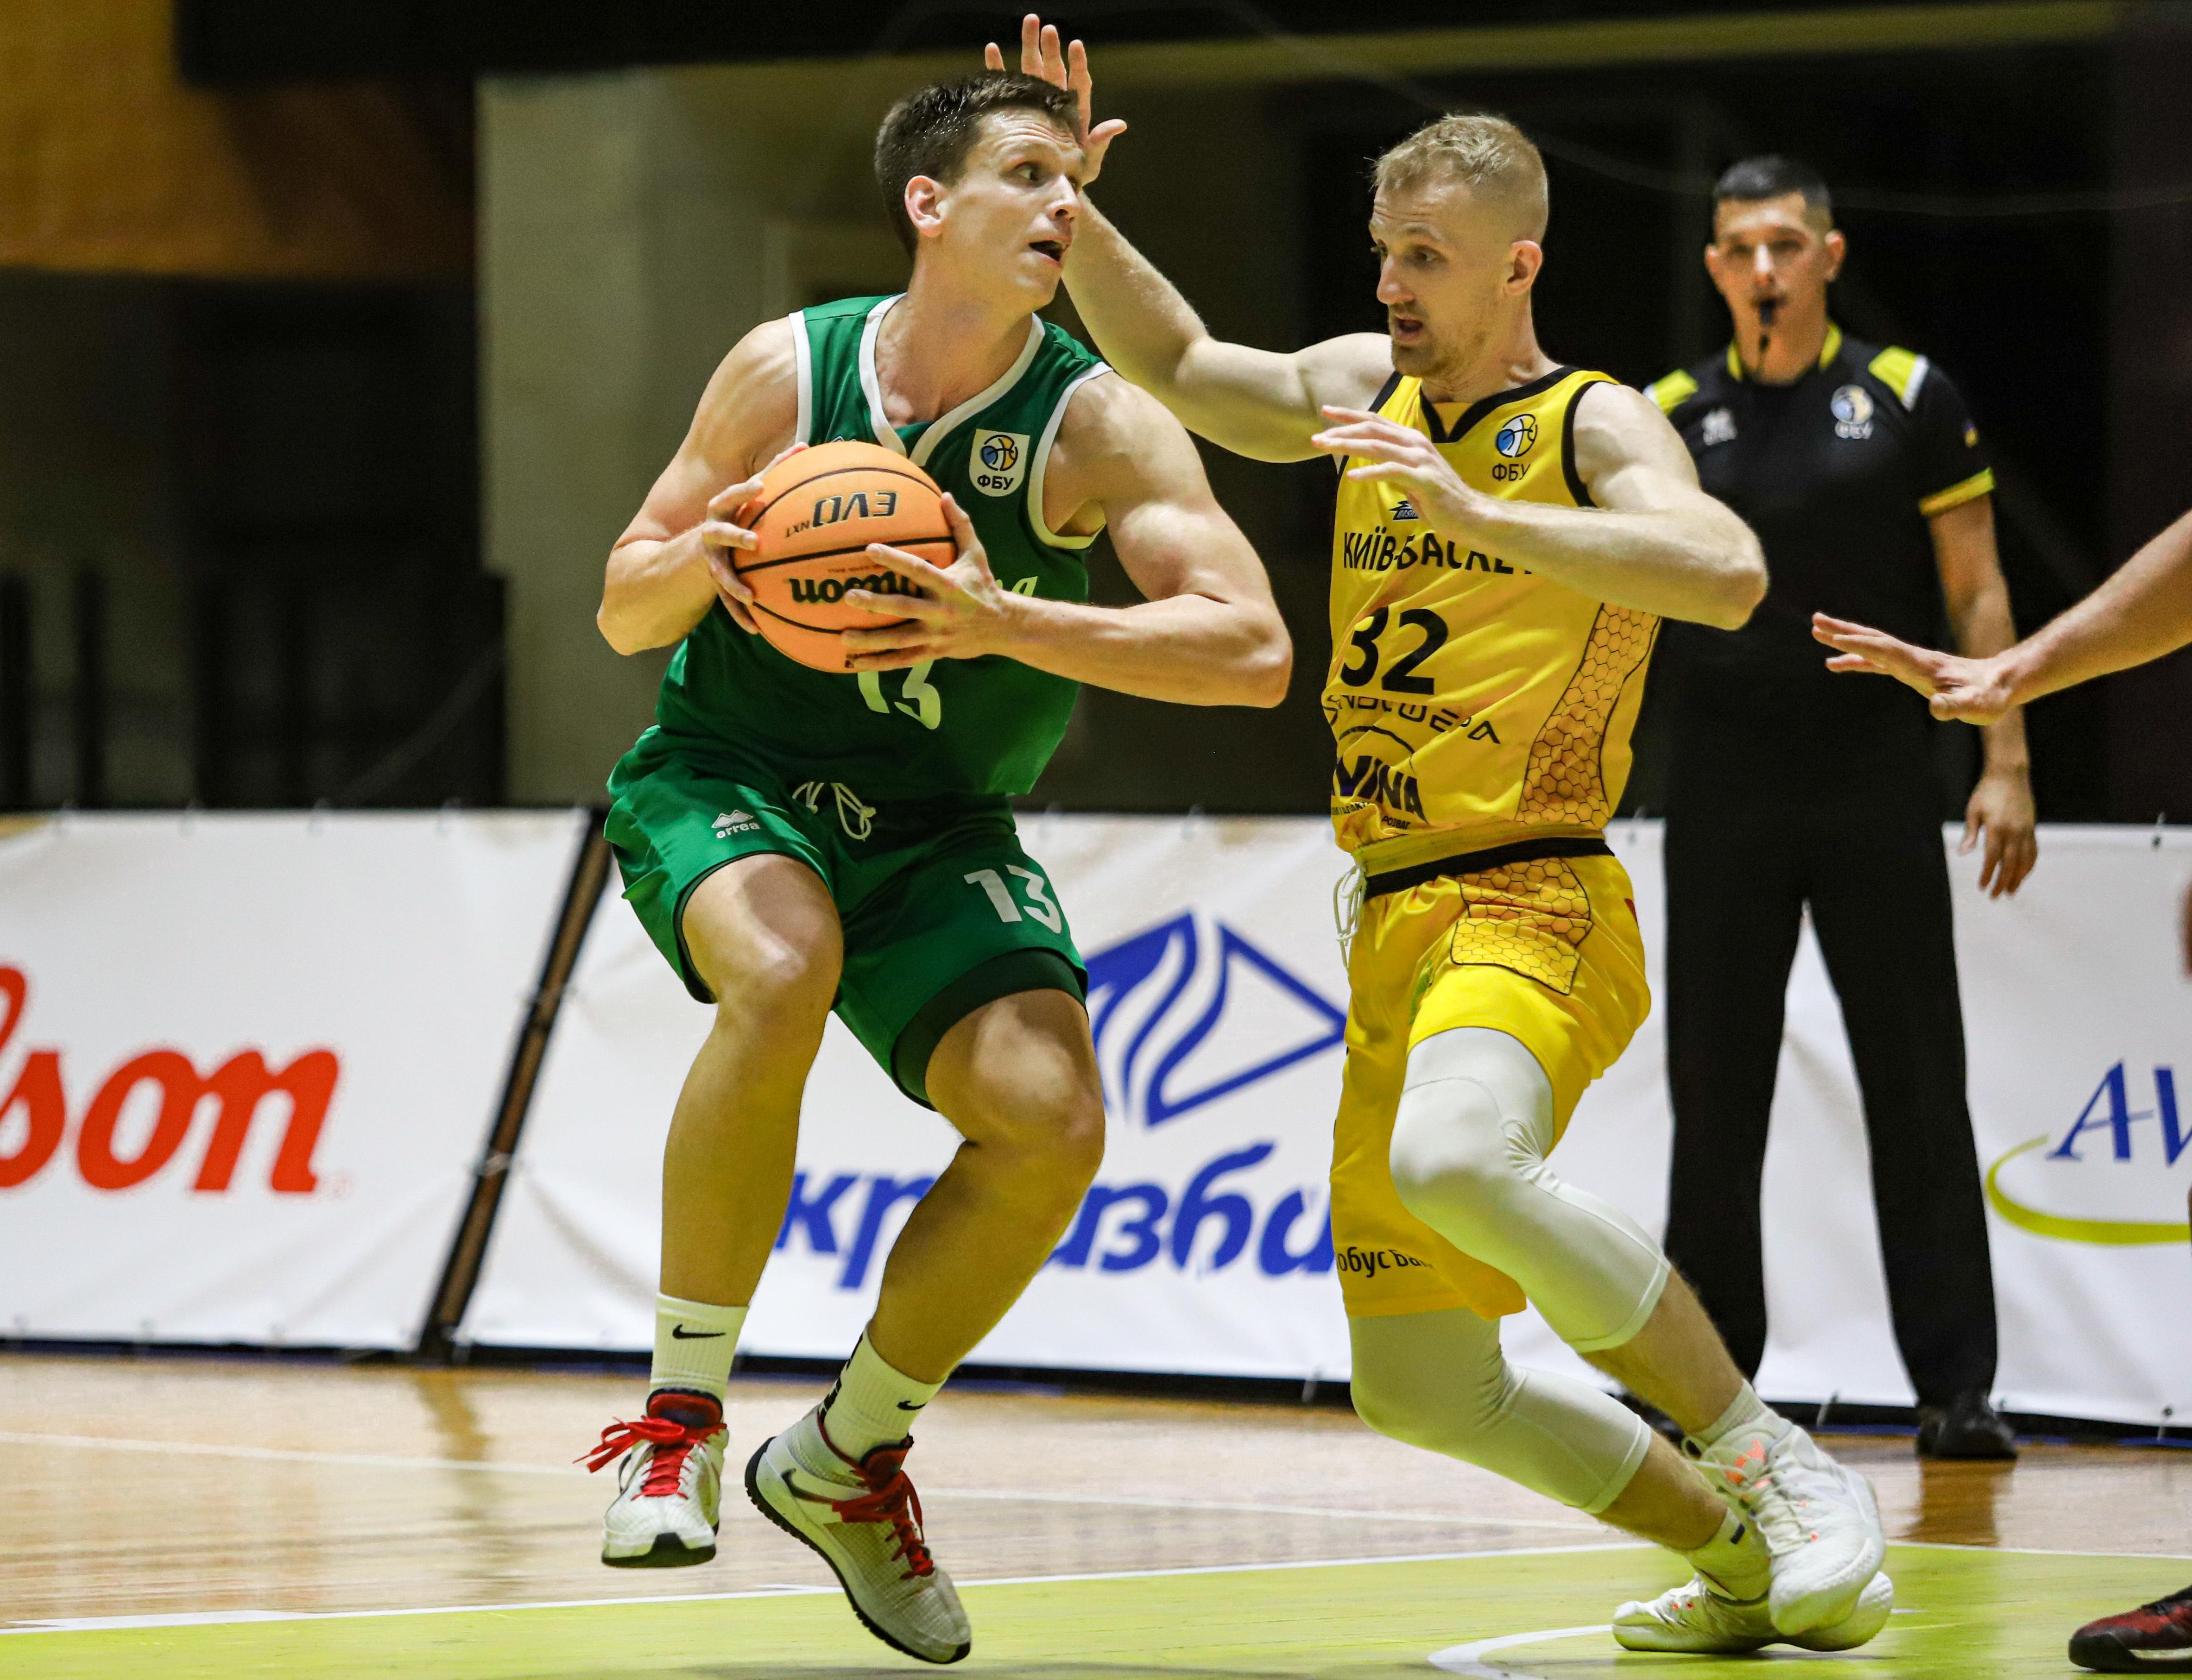 Як Київ-Баскет зазнав першої поразки в сезоні: фотогалерея